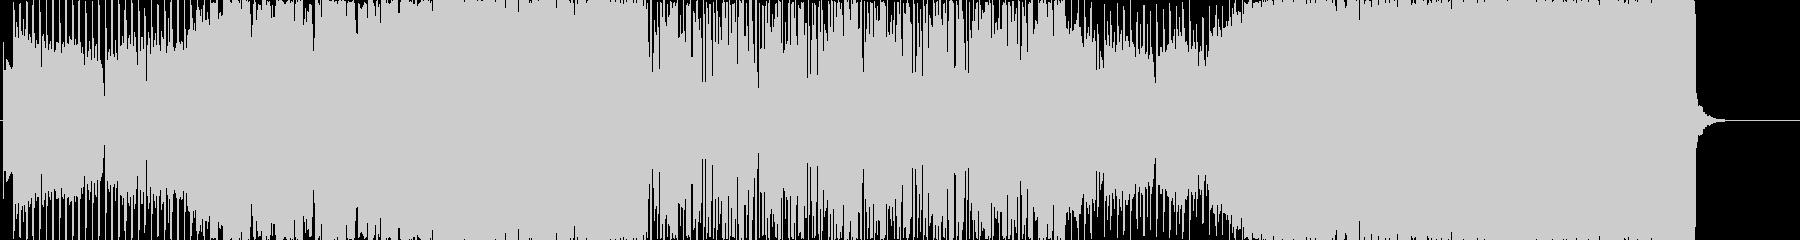 幻想的なfuture bass BGMの未再生の波形